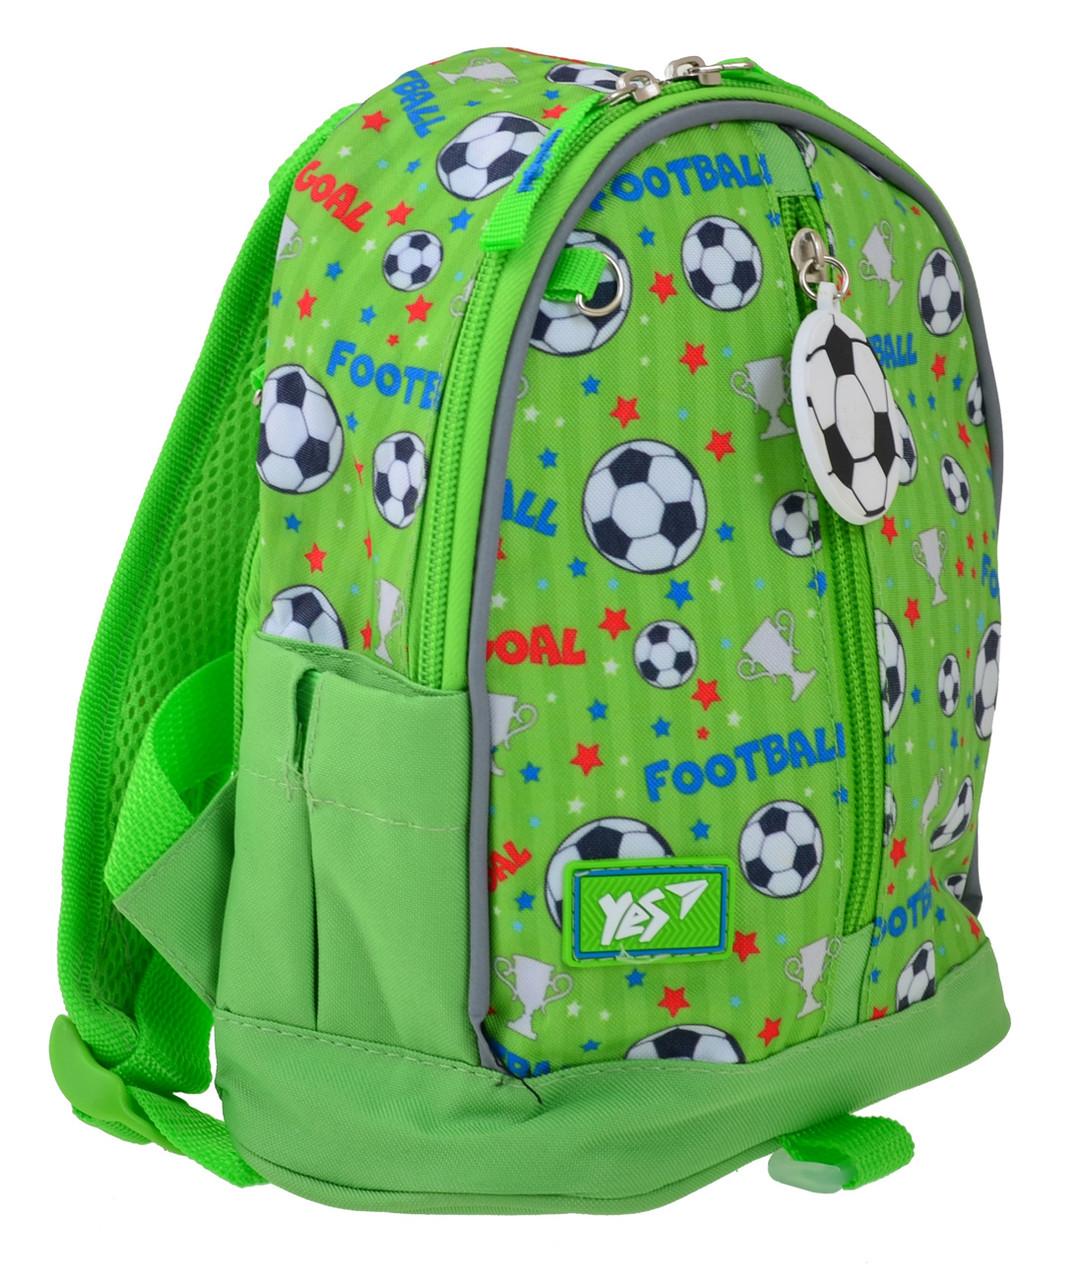 Рюкзак детский  YES  K-30 Match Зеленый (556895)